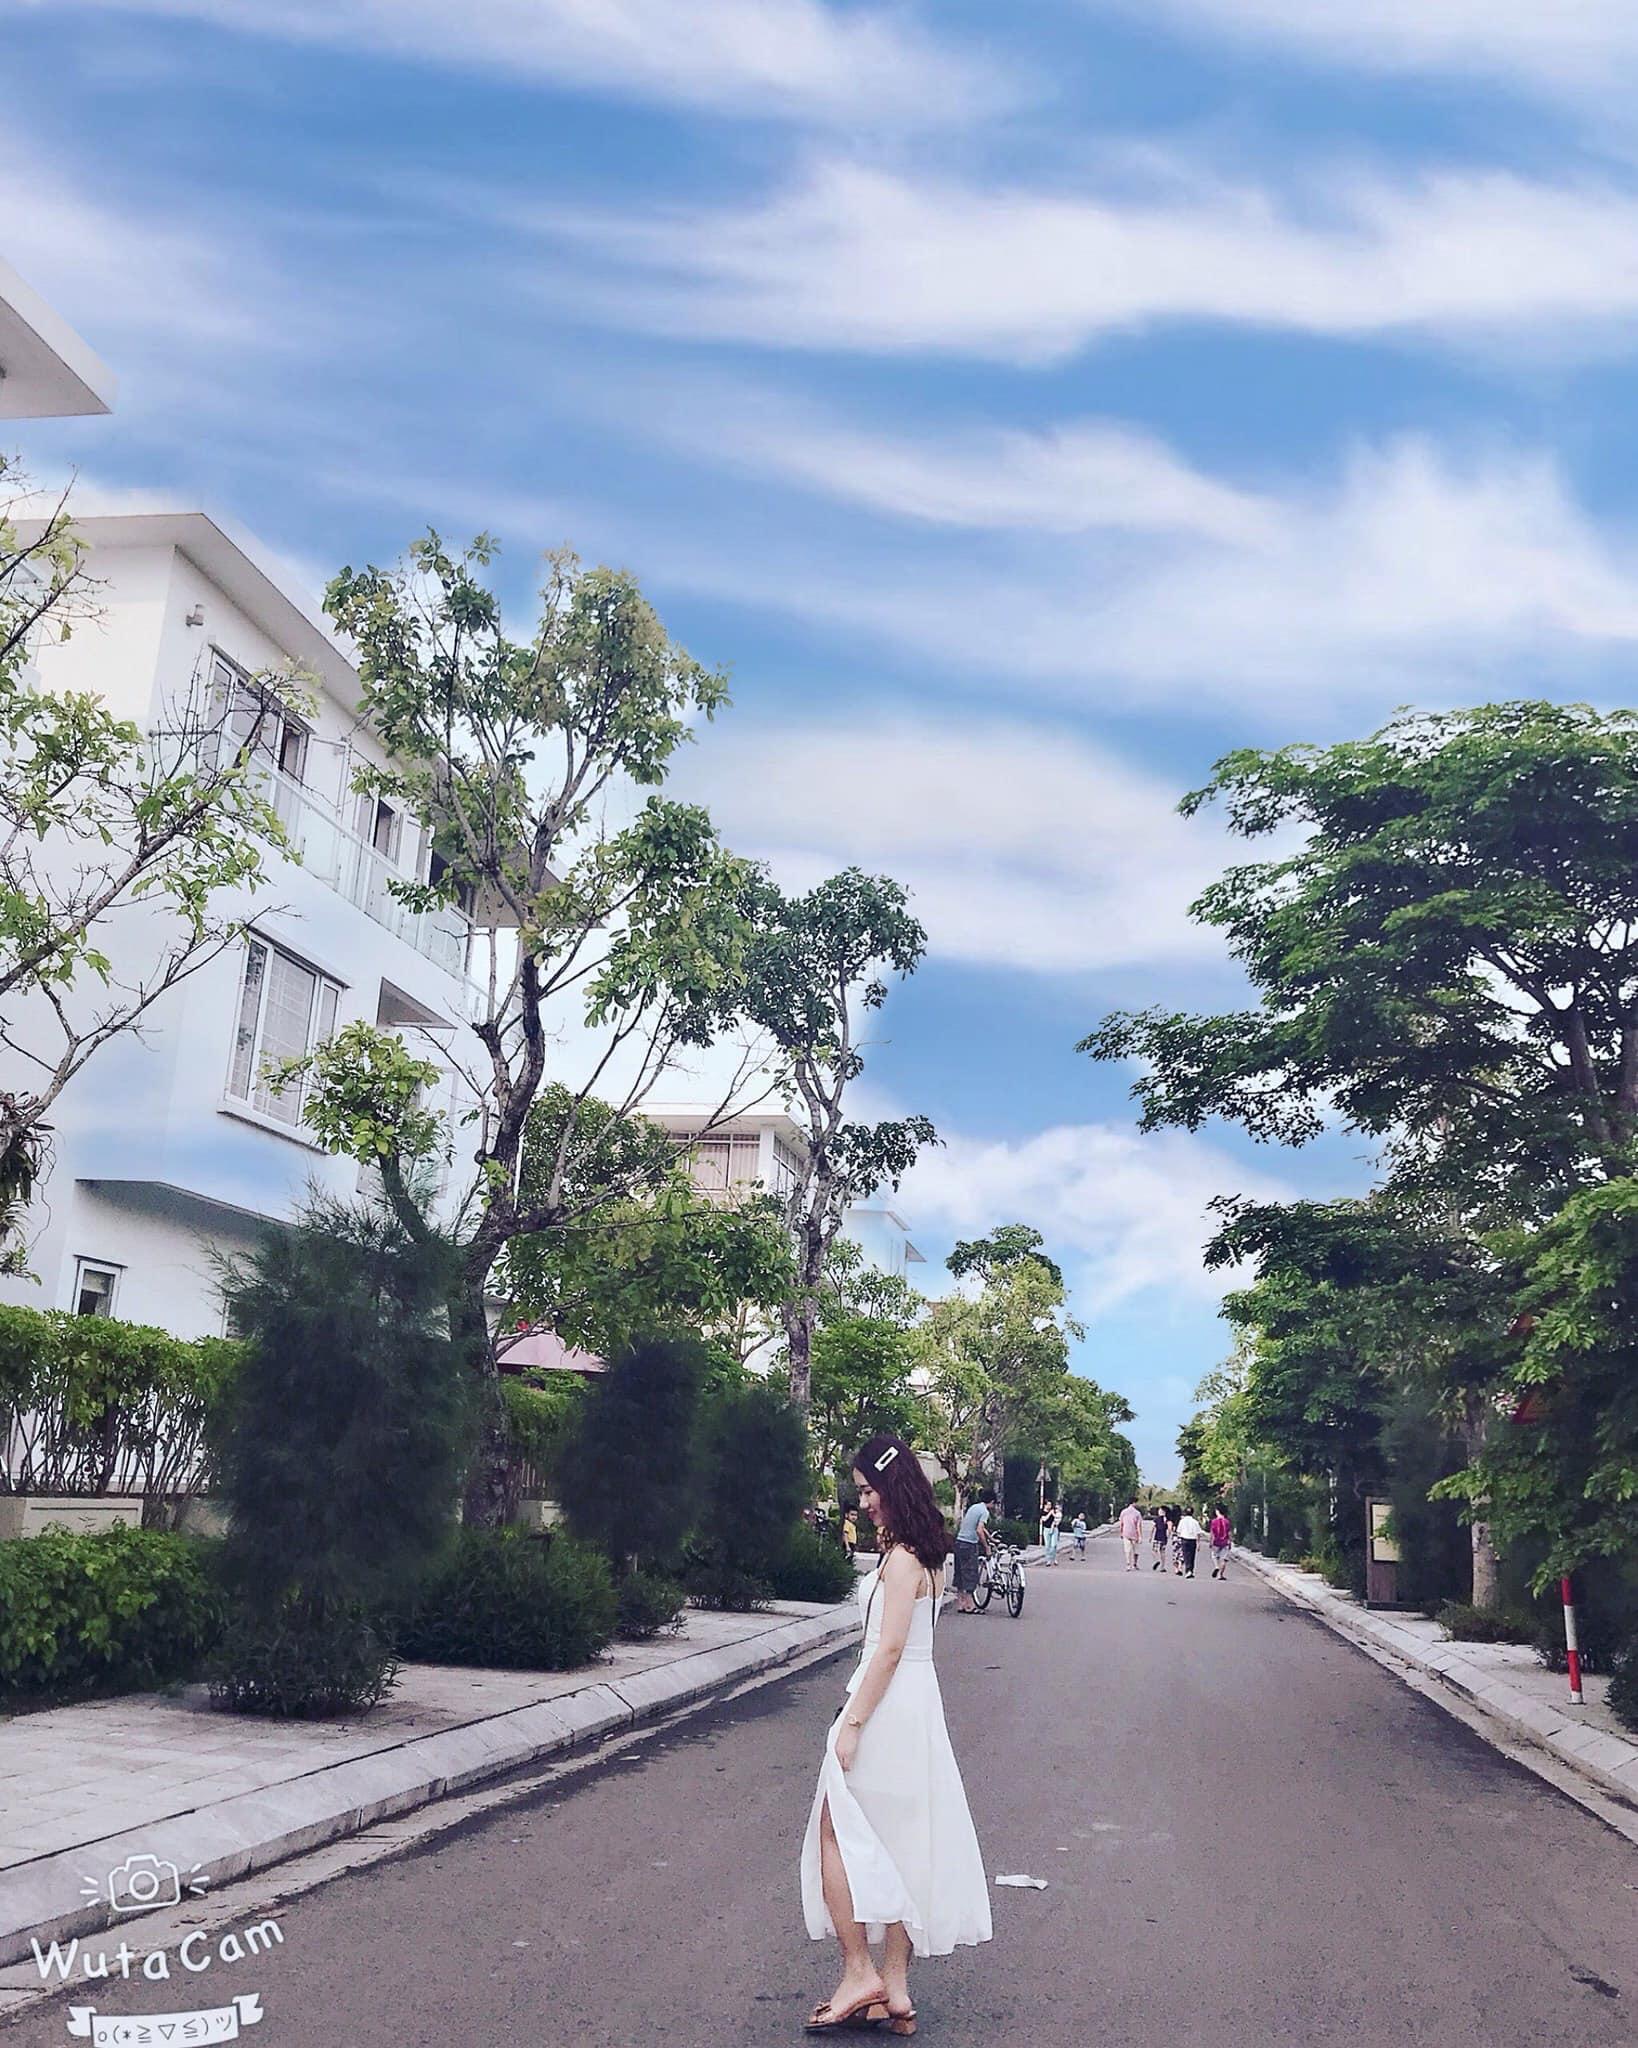 dọc đường khu biệt thự cư dân